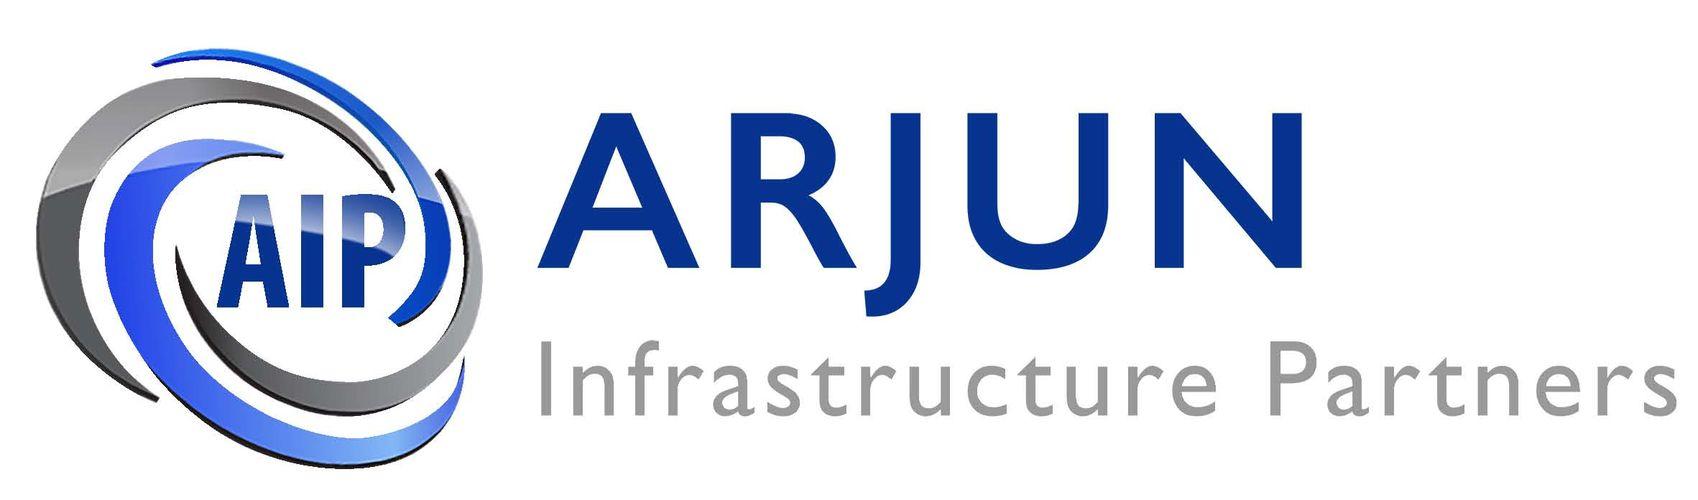 Arjun Infrastructure Partners